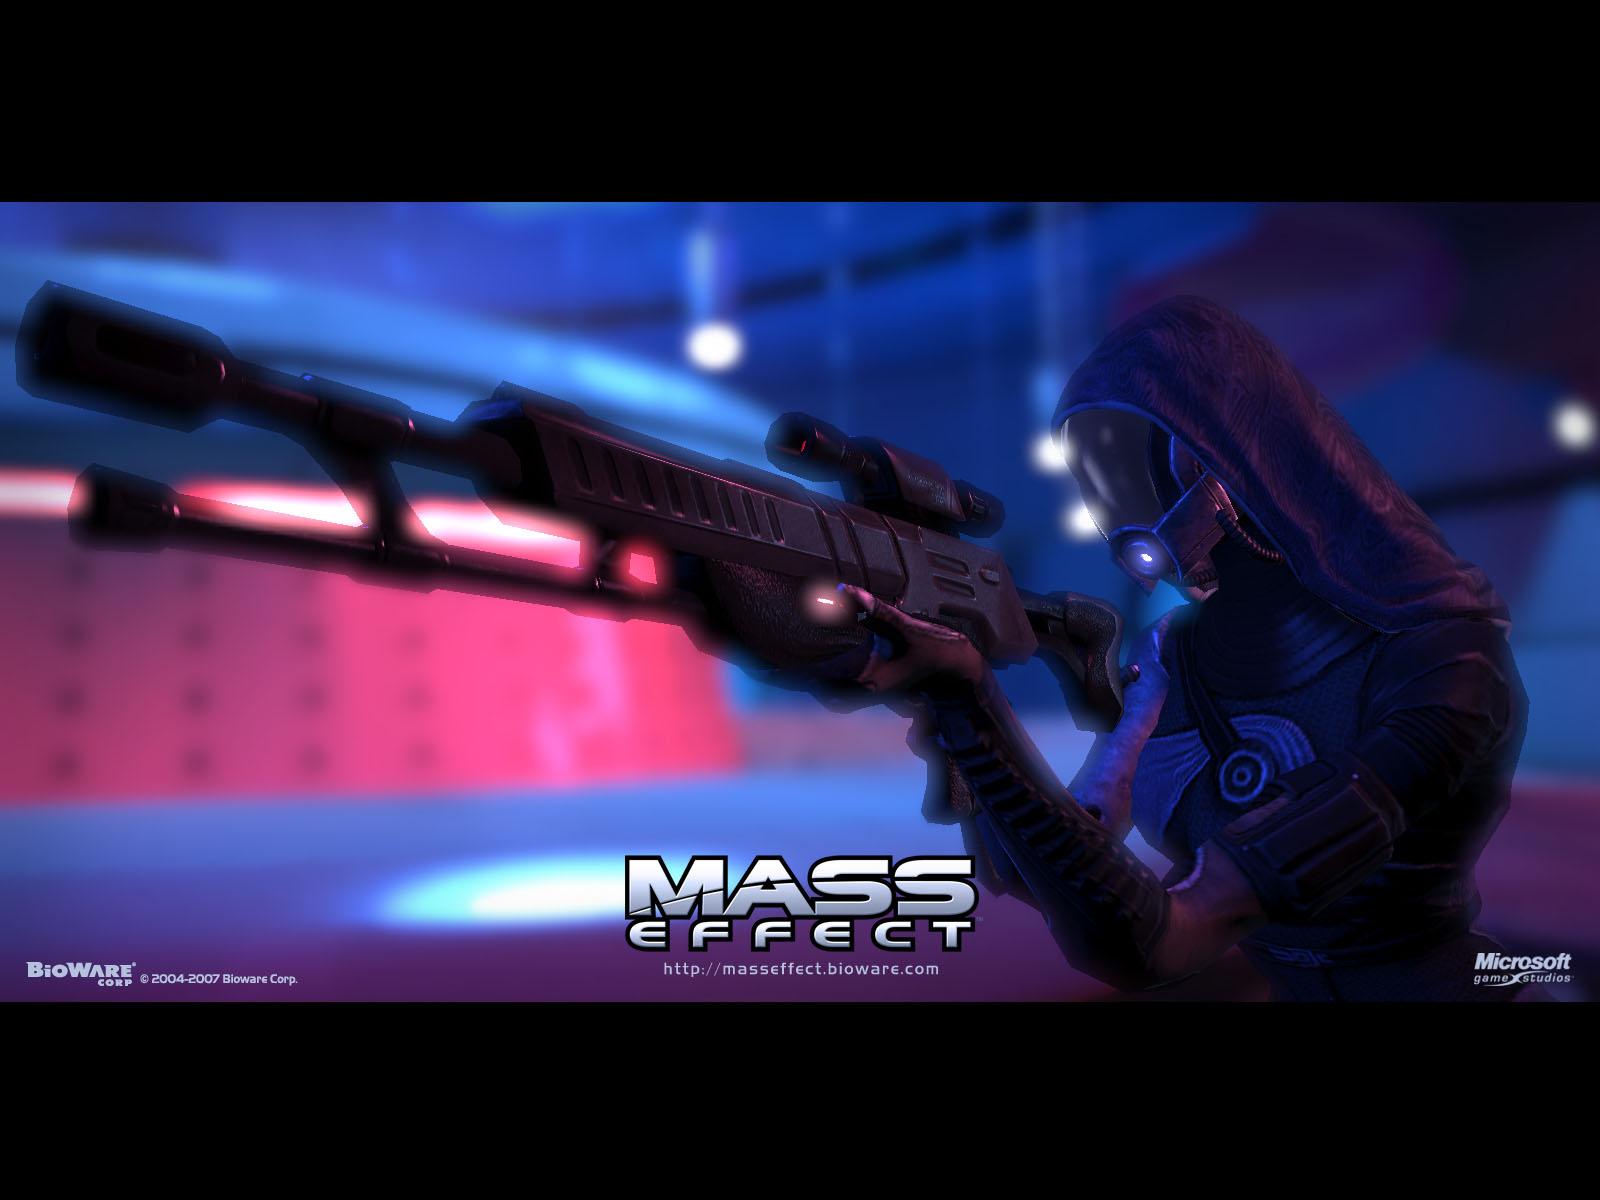 http://4.bp.blogspot.com/-e8-zFDHFXww/Th7sWsKvmuI/AAAAAAAAGFo/Ngcm7reGkCc/s1600/mass-effect-2-game-wallpaper-21.jpg